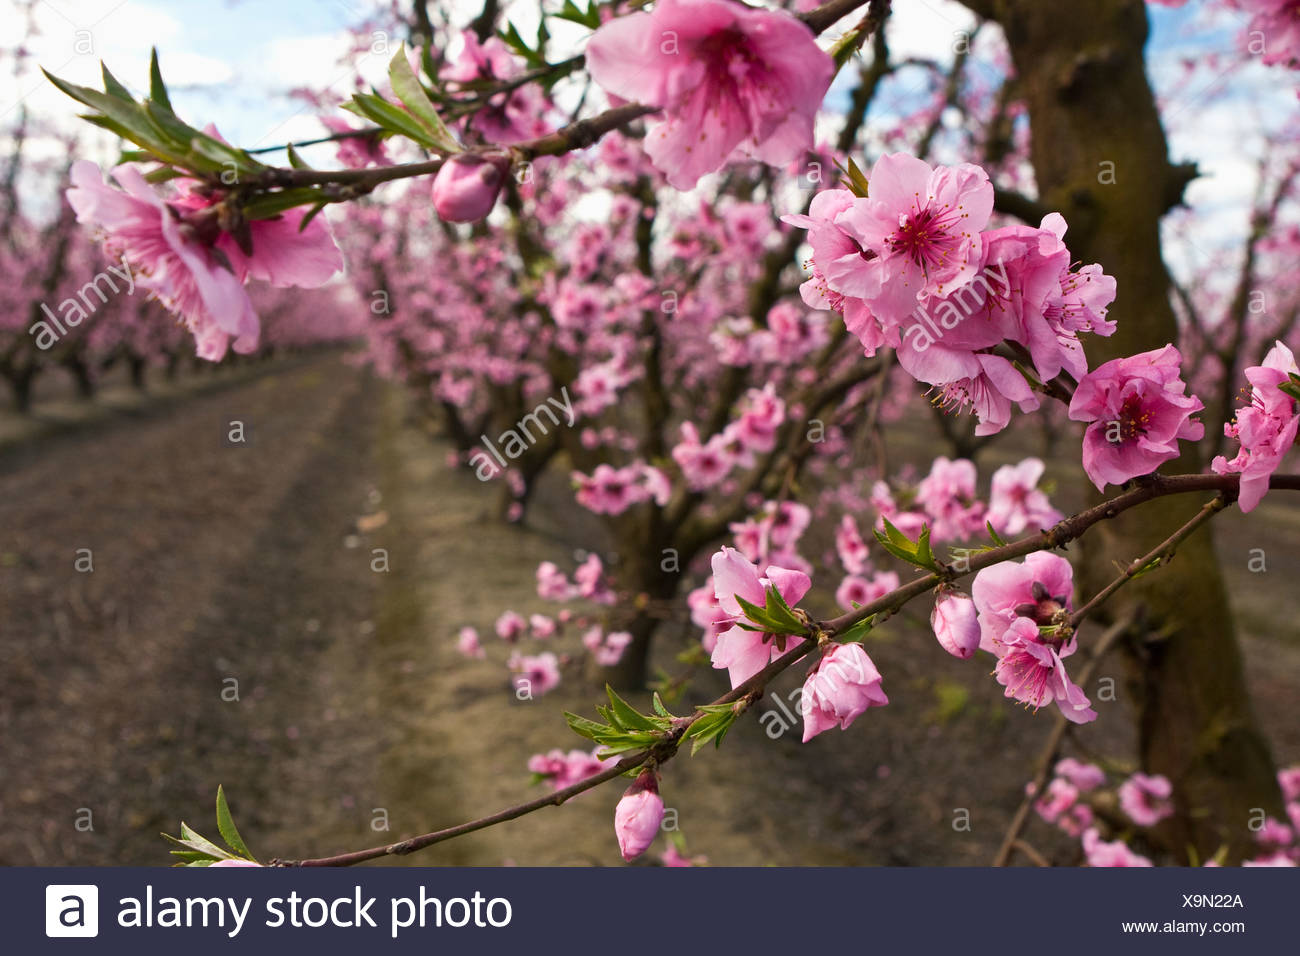 Landwirtschaft - Nahaufnahme der Pfirsich blüht in voller Blüte-Phase mit der Obstgarten im Hintergrund / Kalifornien, USA. Stockbild